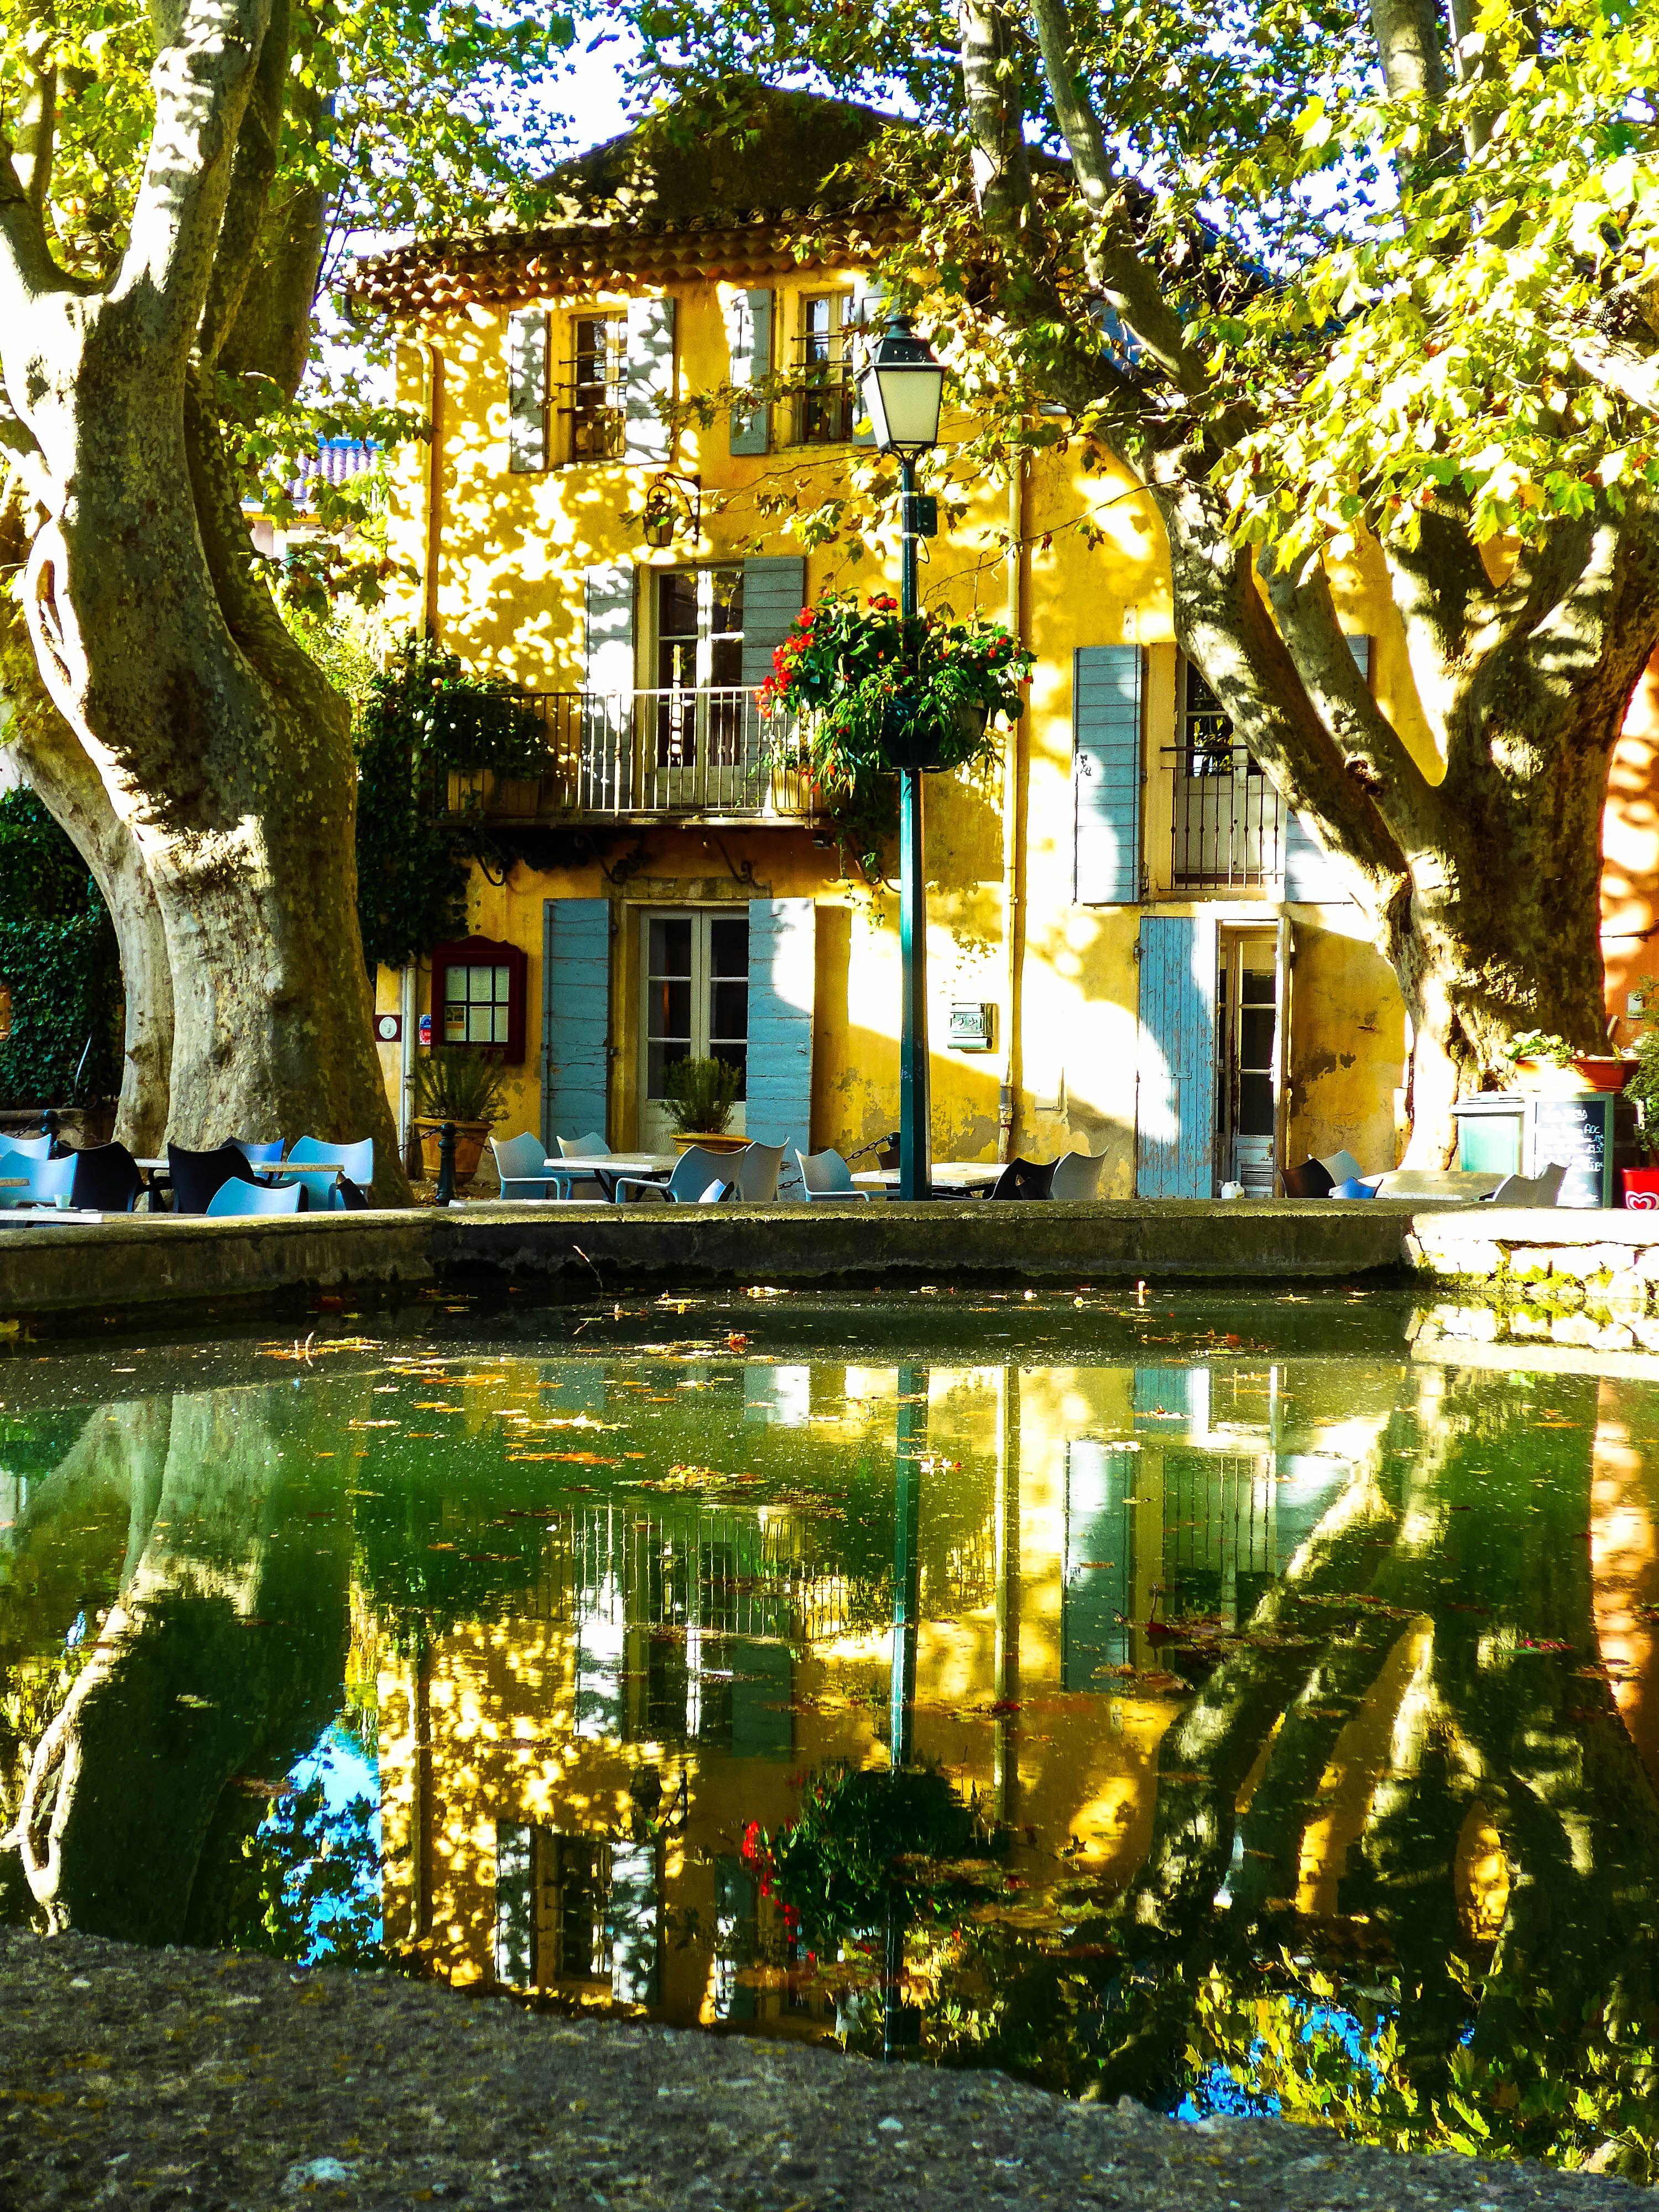 La Petite Maison Atlanta la petite maison de cucuron | french country farmhouse